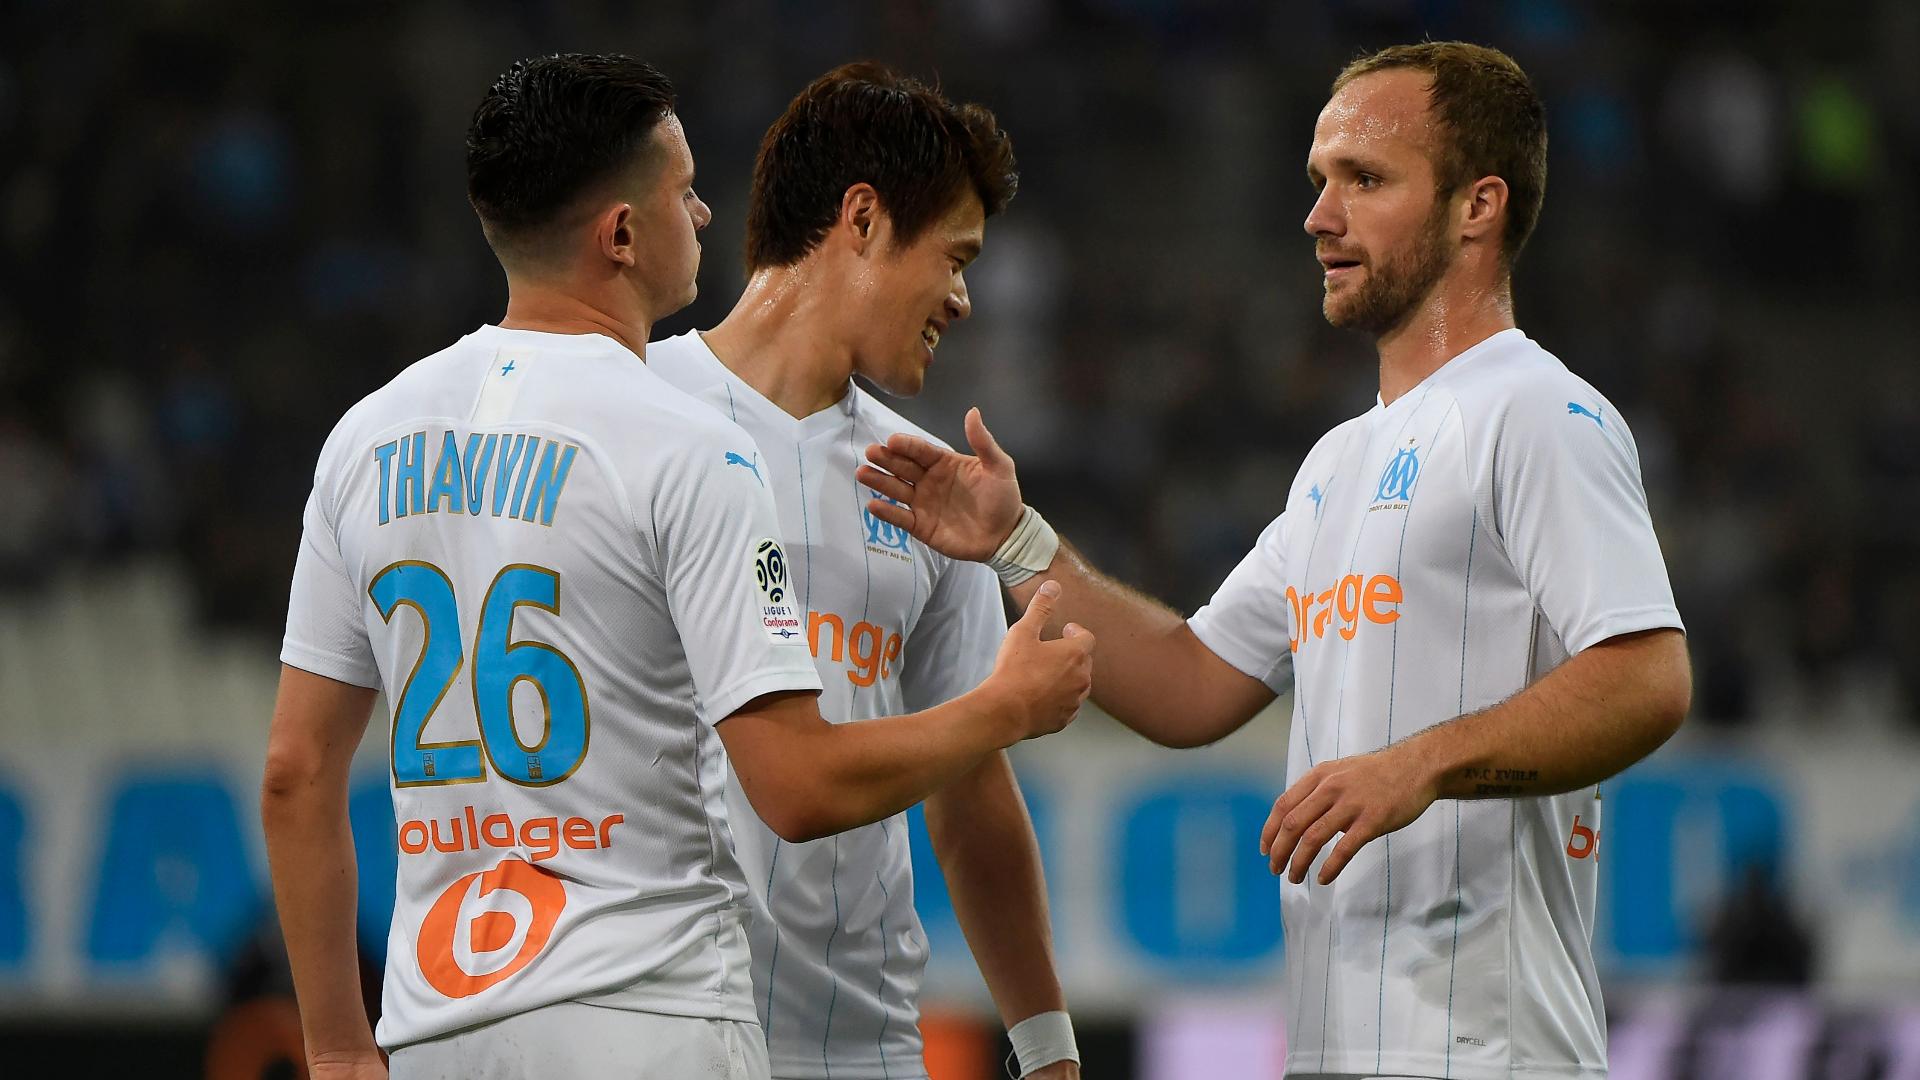 Olympique de Marseille - Accrington Stanley...Le programme des matches amicaux du jour